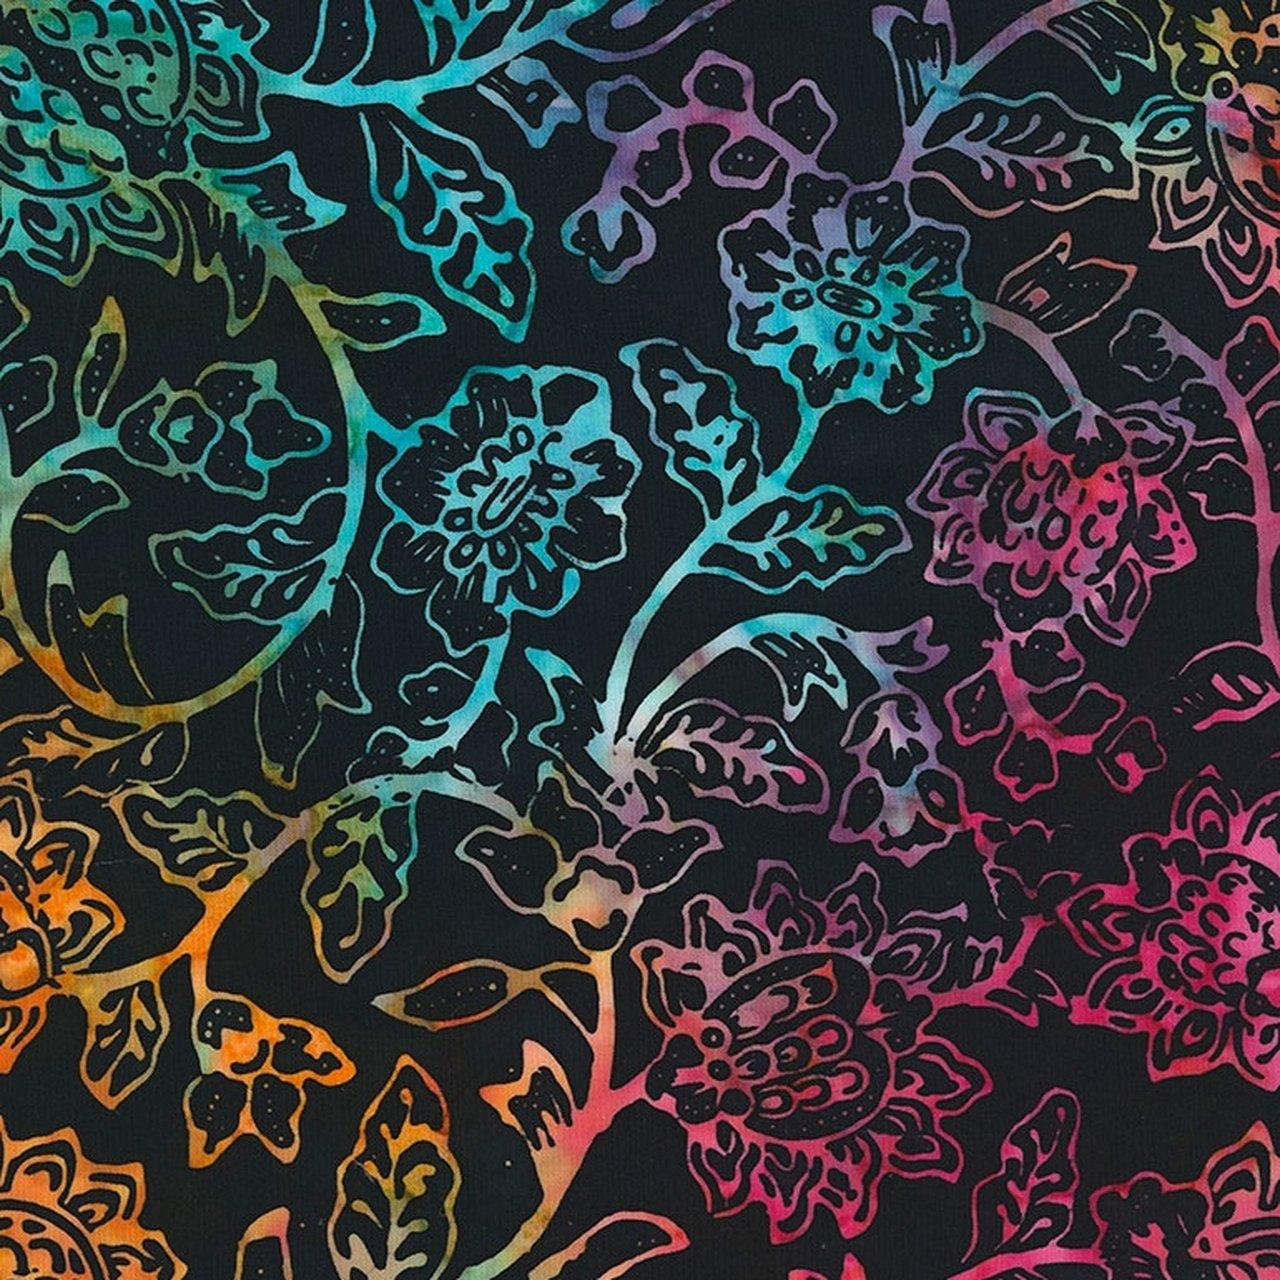 106 Spring Blossom Extra Wide Tonga Batik Quilt Backing - Wild